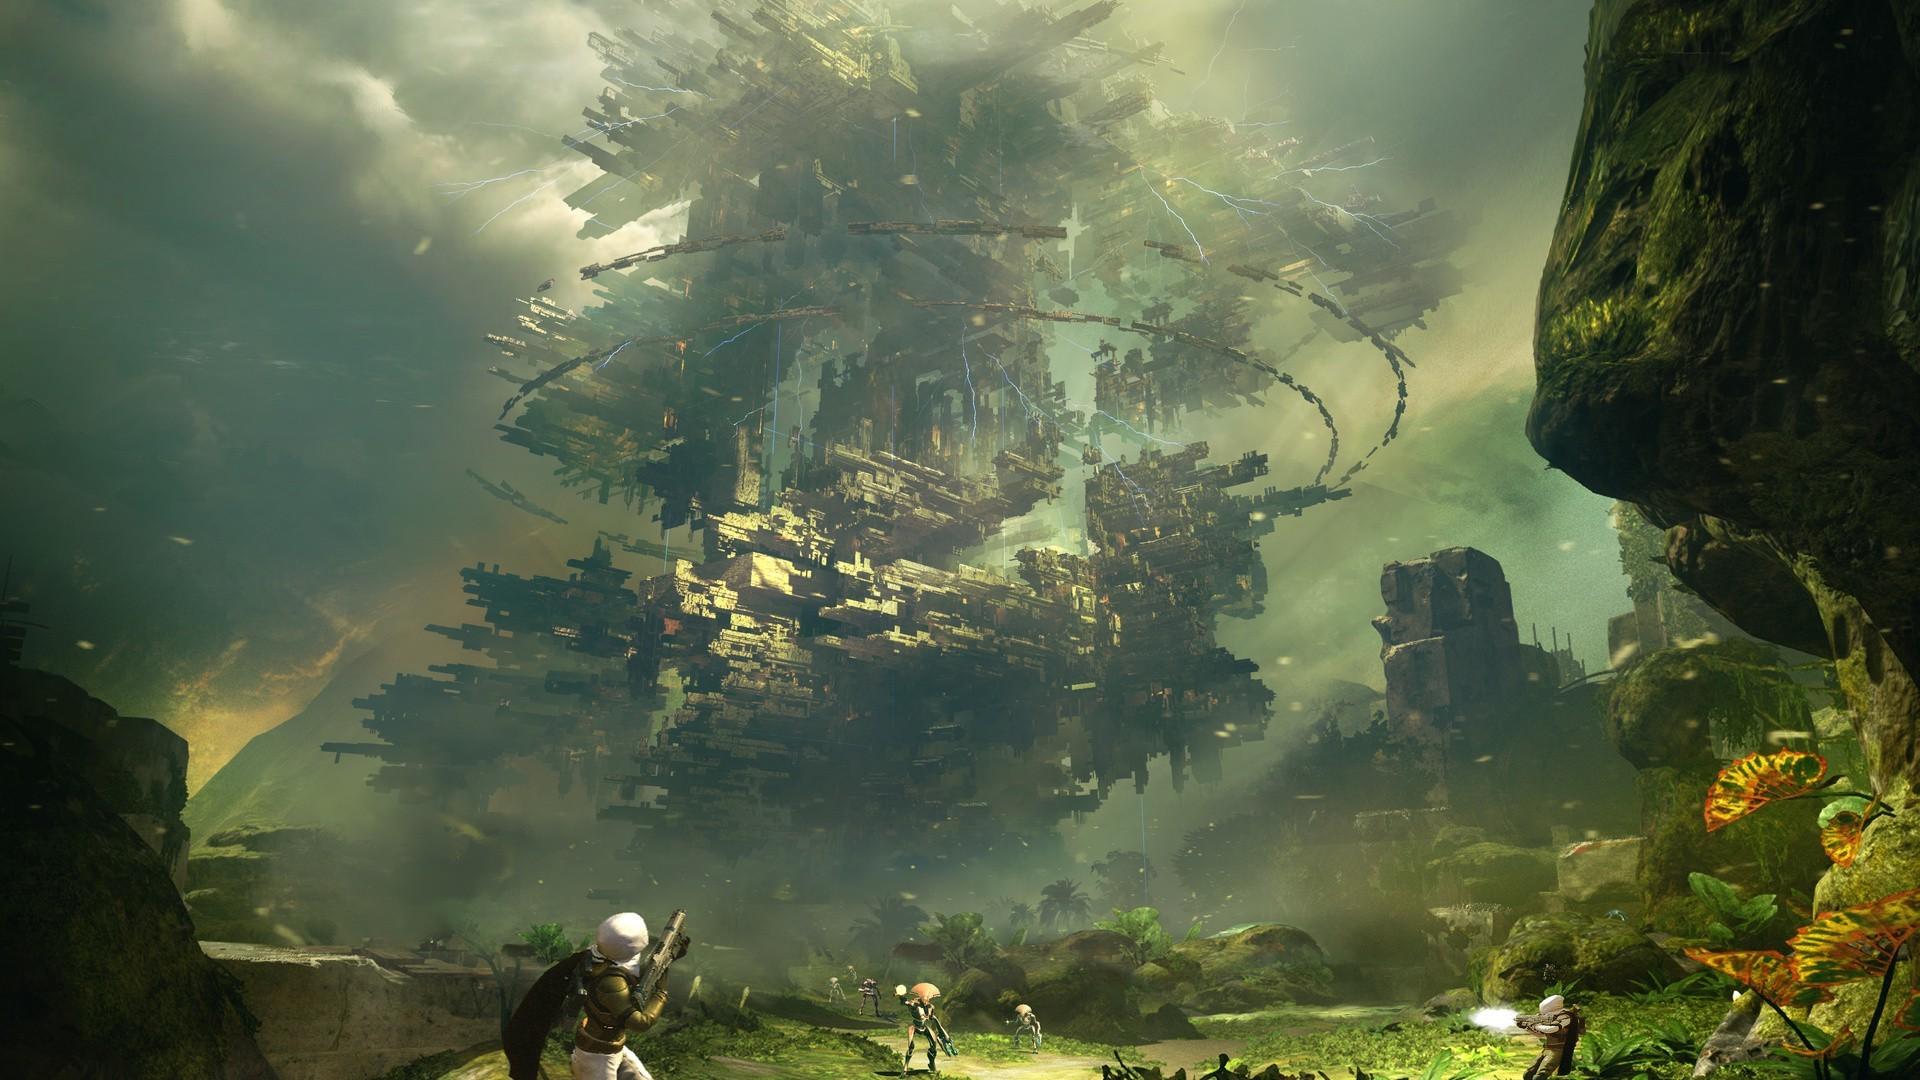 Destiny Hd Wallpaper 75 Images